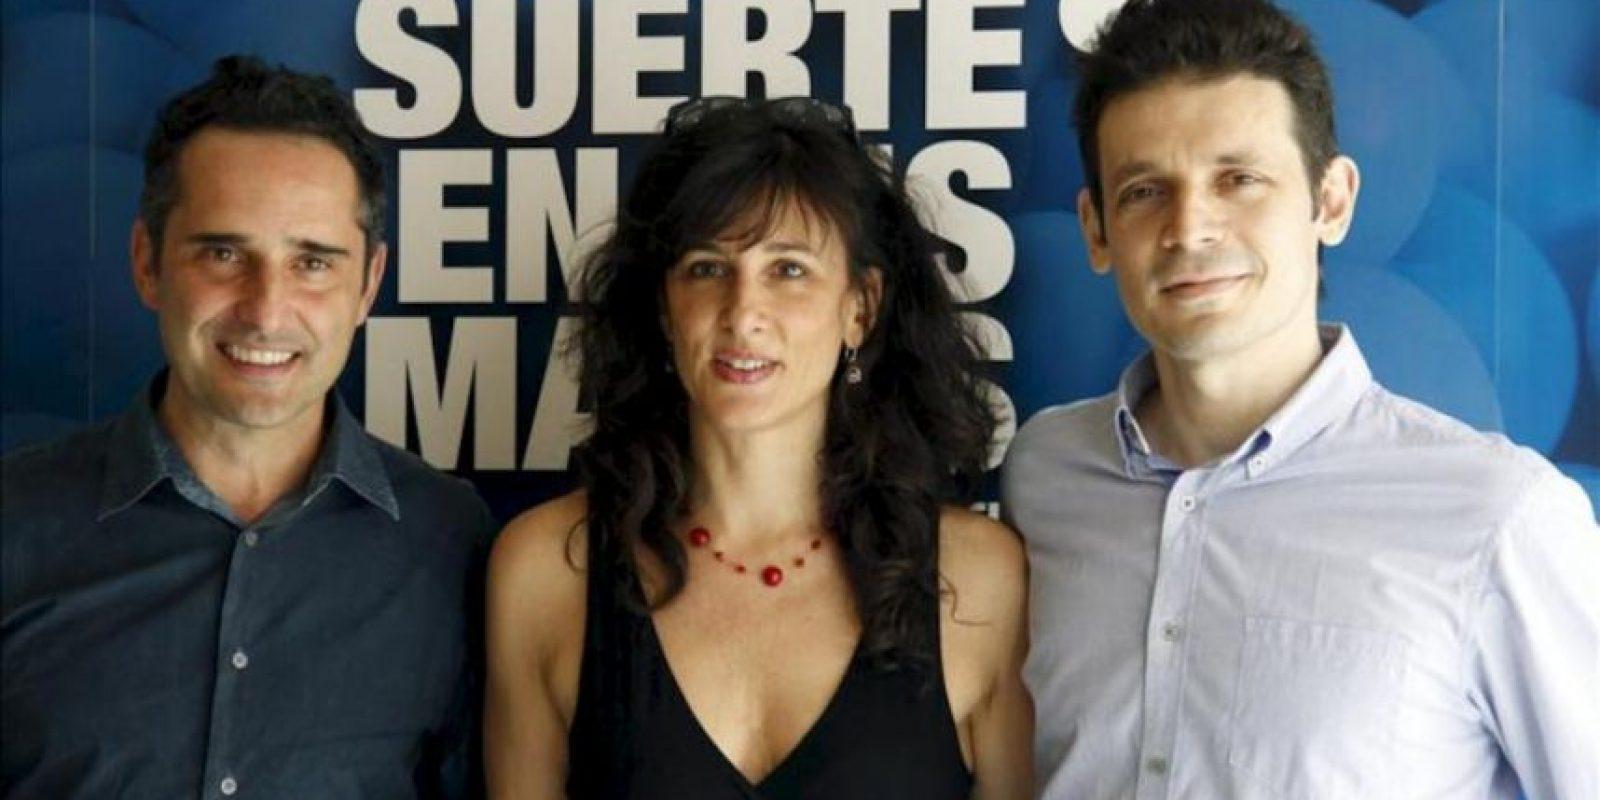 """El cantante uruguayo Jorge Drexler (i), ganador de un Óscar por su canción """"Al otro lado del río"""", se convierte en actor de cine a las órdenes del argentino Daniel Burman (d) en """"La suerte en tus manos"""", una cinta llena de buenos sentimientos que han presentado hoy en Madrid, junto a la productora Mariela Besuievsky (c). EFE"""